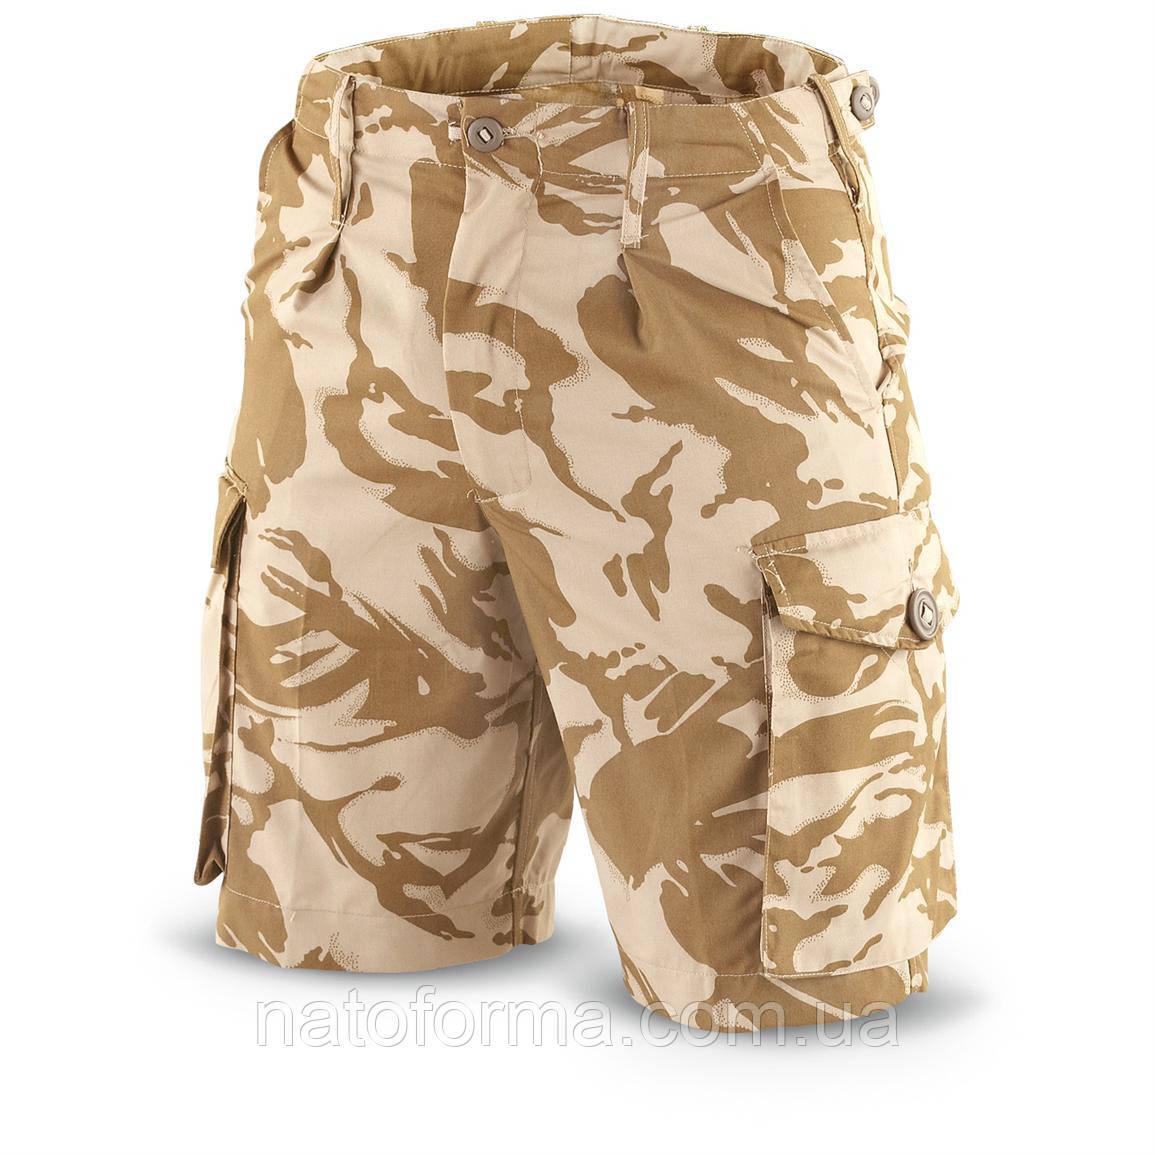 Шорты, бриджи армии Великобританнии в расцветке DDPM (Desert DP), оригинал, новые и б/у